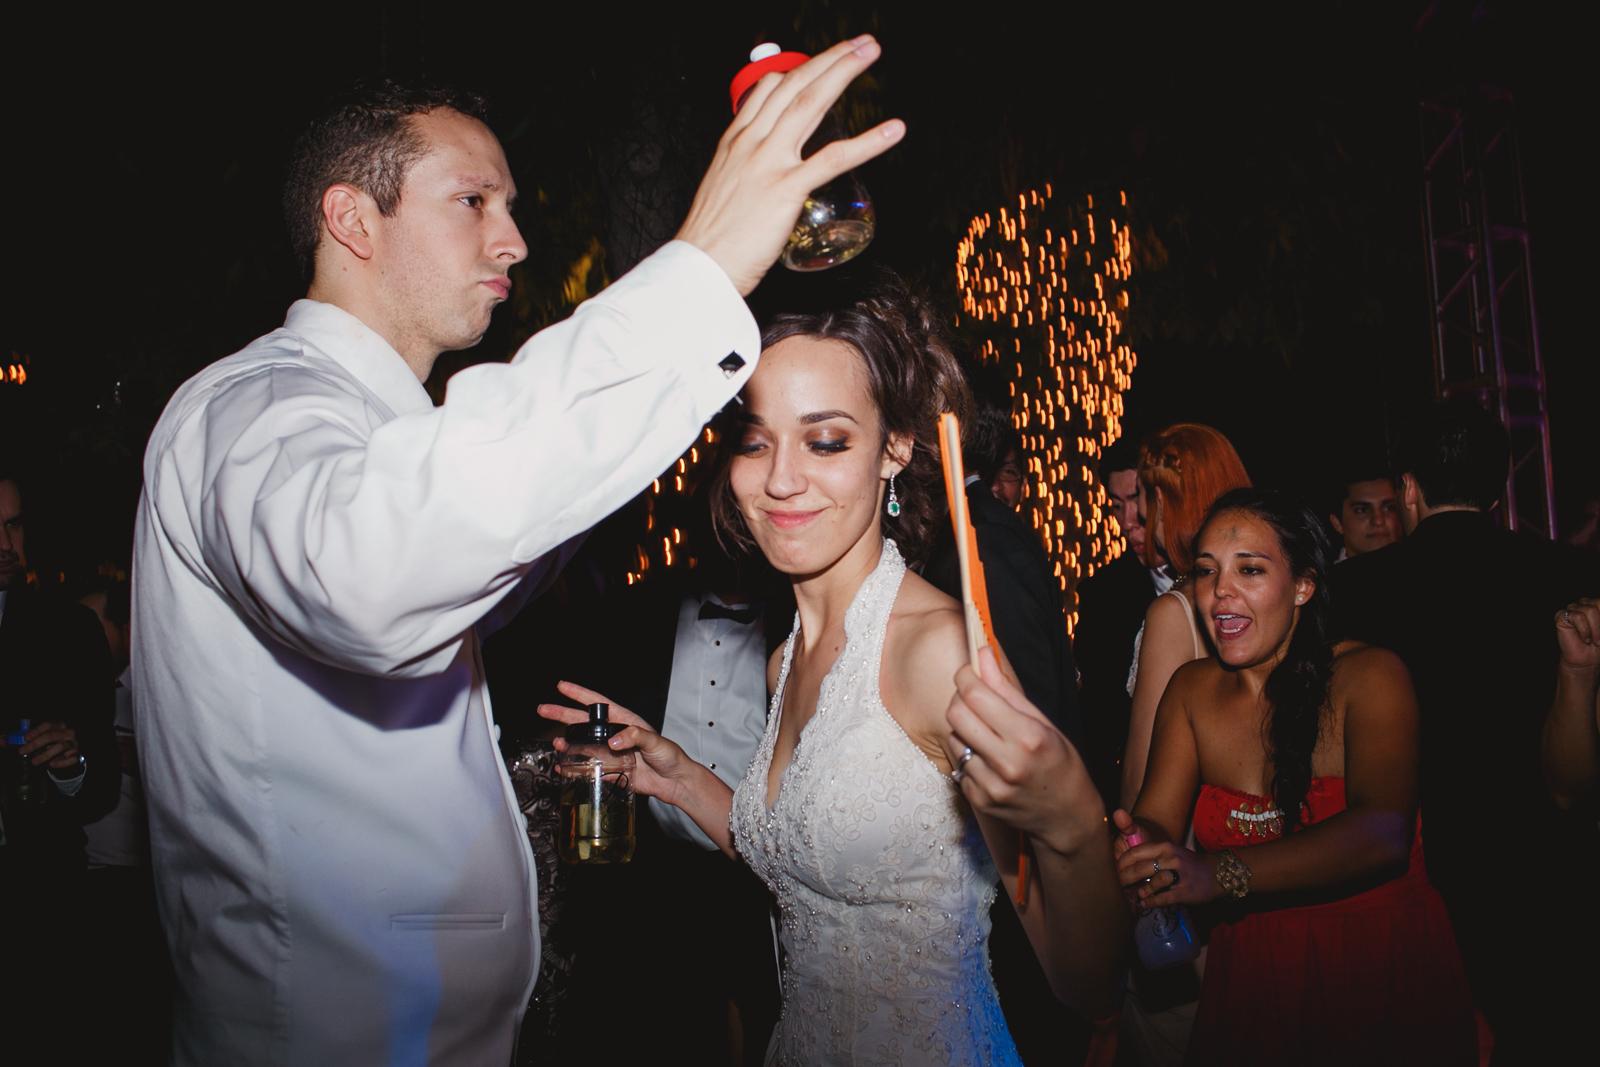 armando-aragon-fotografo-de-bodas-050